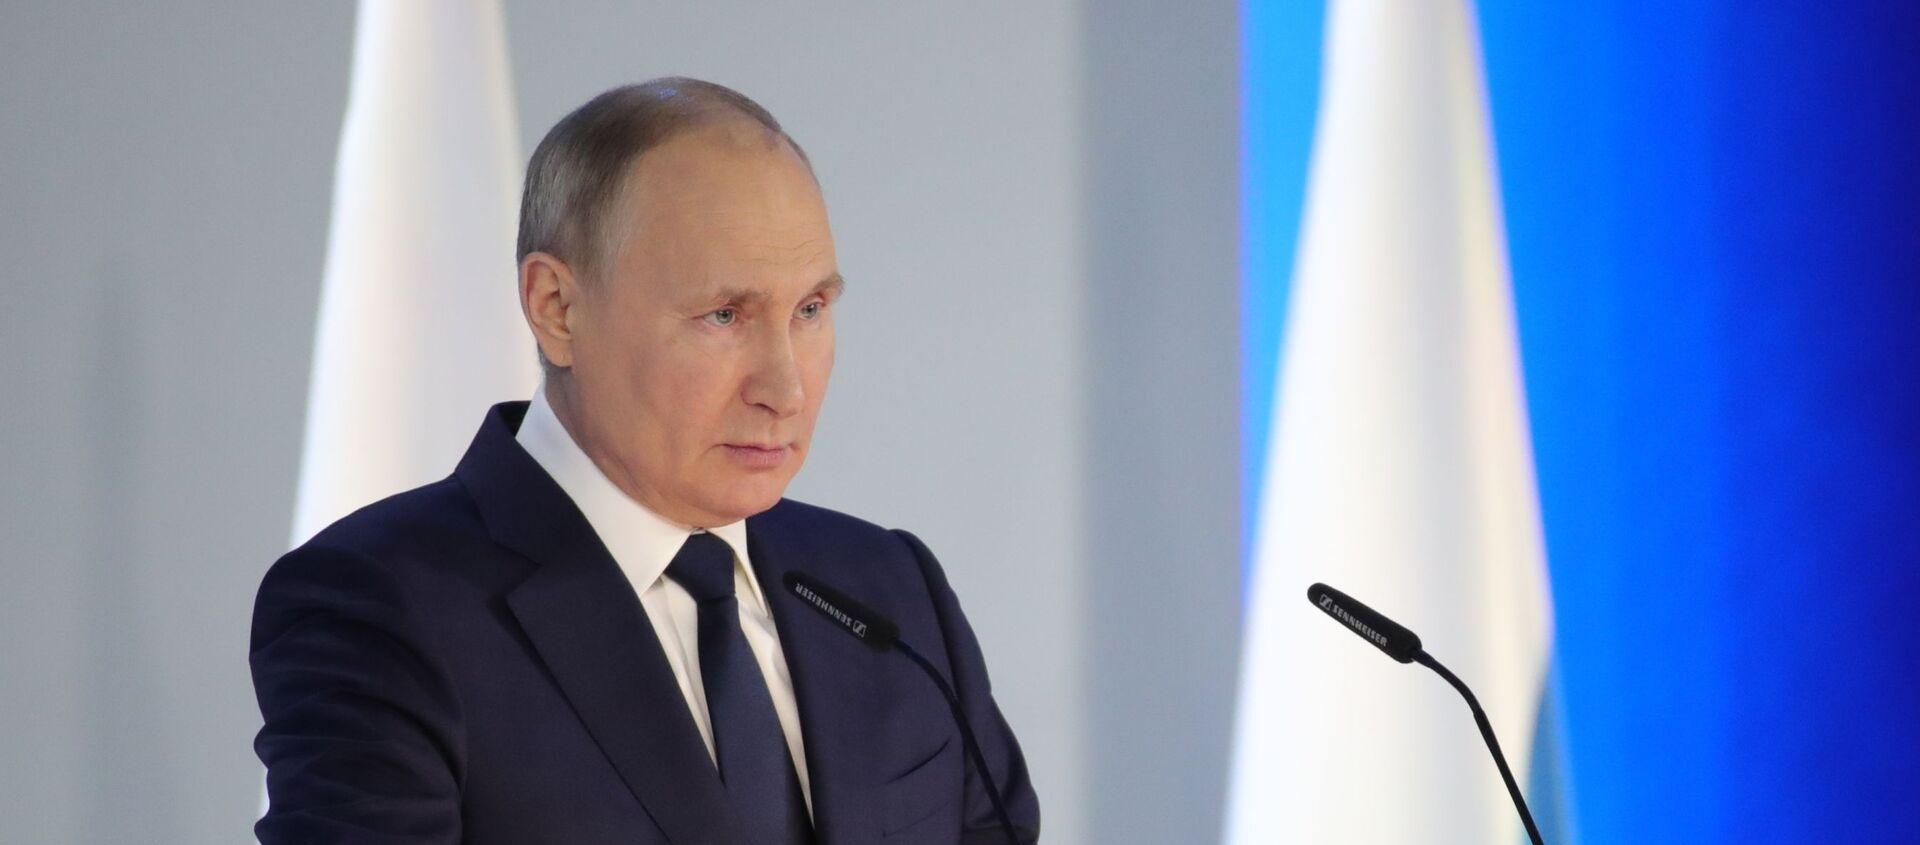 Ежегодное послание президента РФ Федеральному Собранию - Sputnik Армения, 1920, 08.05.2021